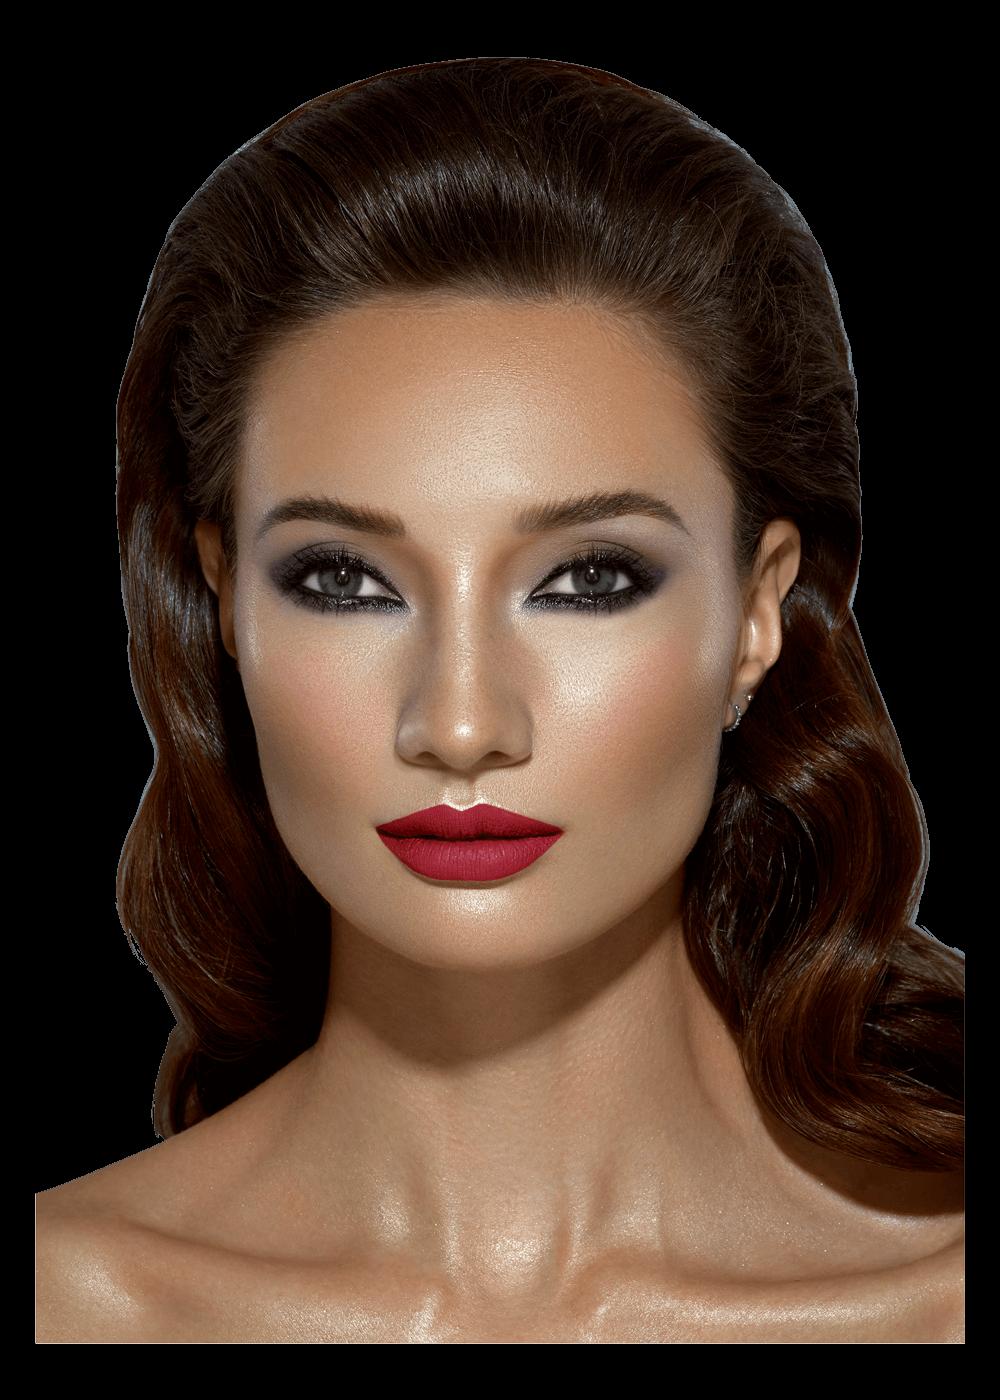 Makeup by Roque Cozzette